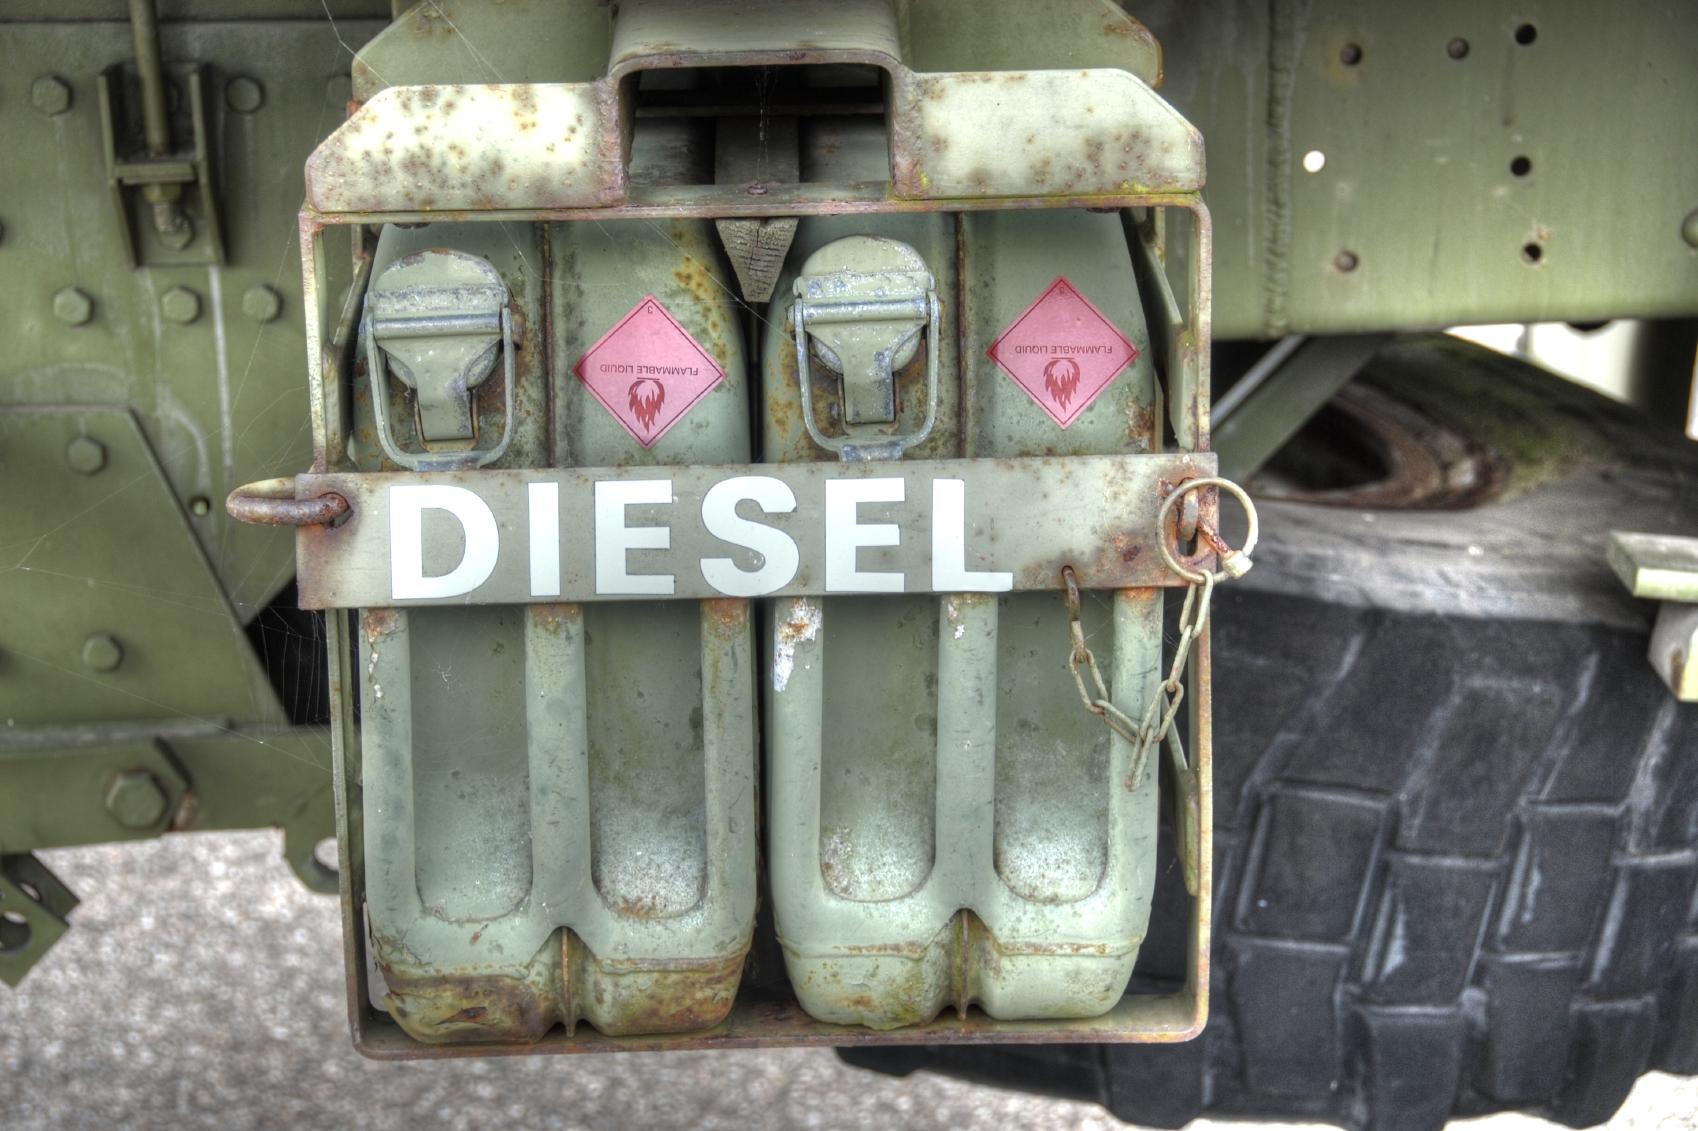 Diesel_000021170784Medium.jpg